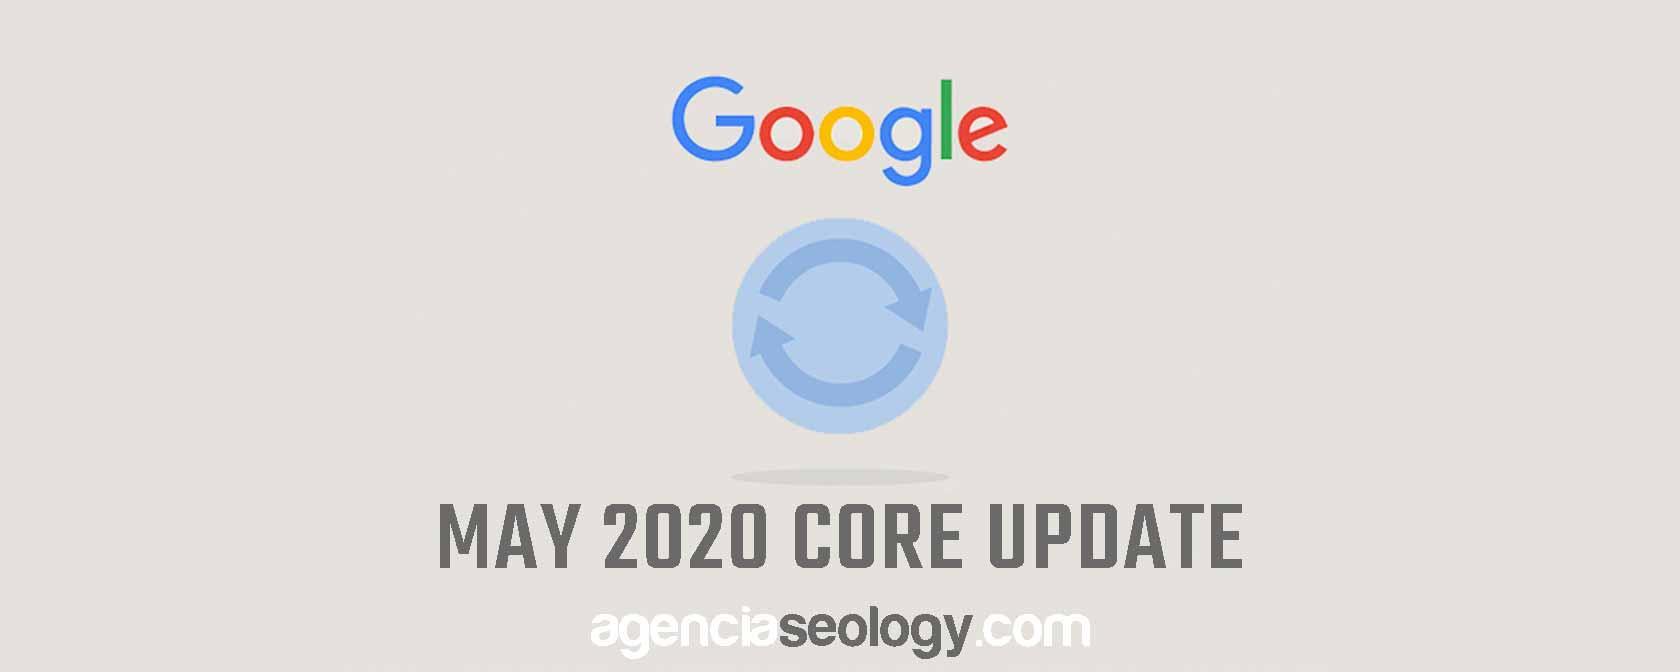 Actualización del algoritmo de Google Mayo 2020 - Agencia SEOlogy